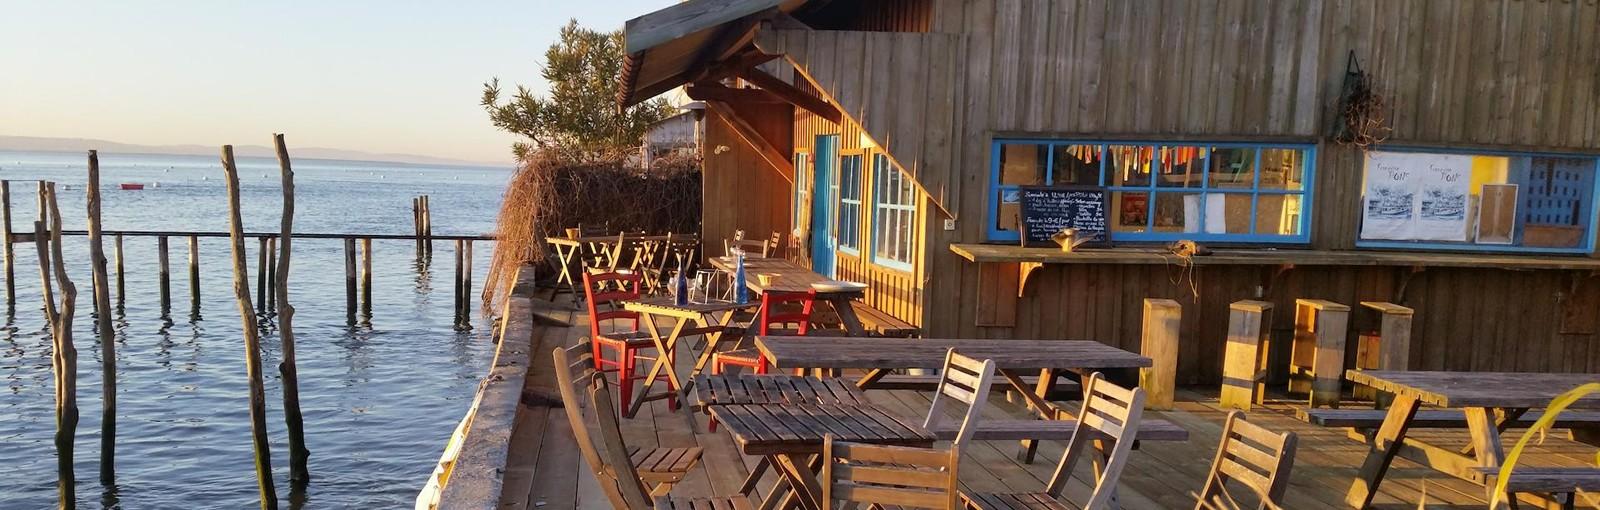 Tours Séjour sur la presqu'île du cap Ferret - Séjours - Nos Séjours et Circuits Privés - En famille ou groupes d'amis